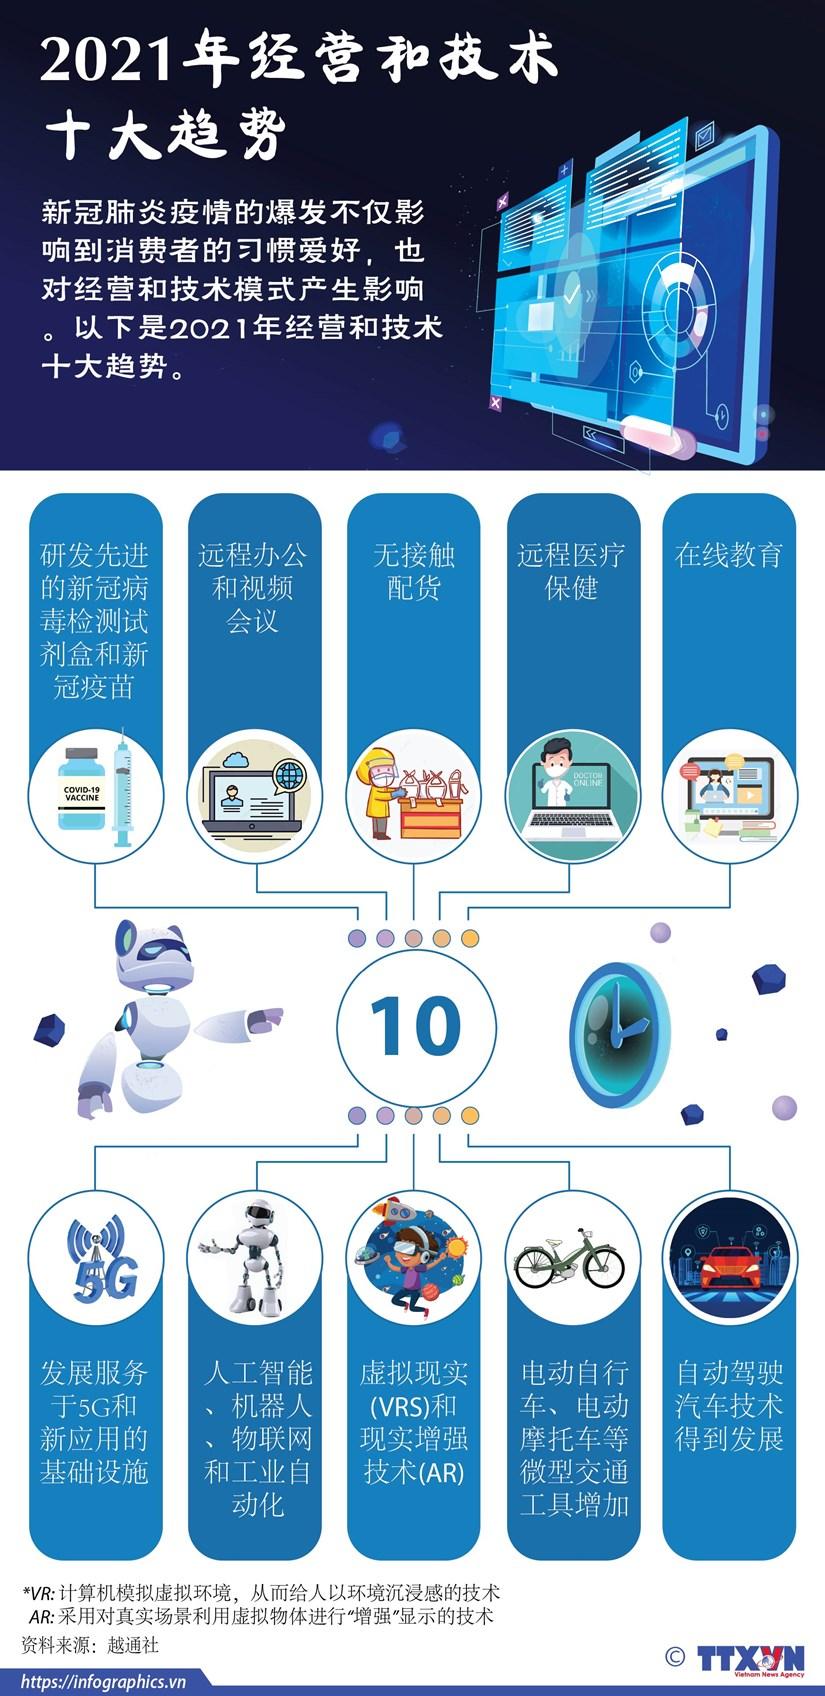 图表新闻:2021年经营和技术十大趋势 hinh anh 1